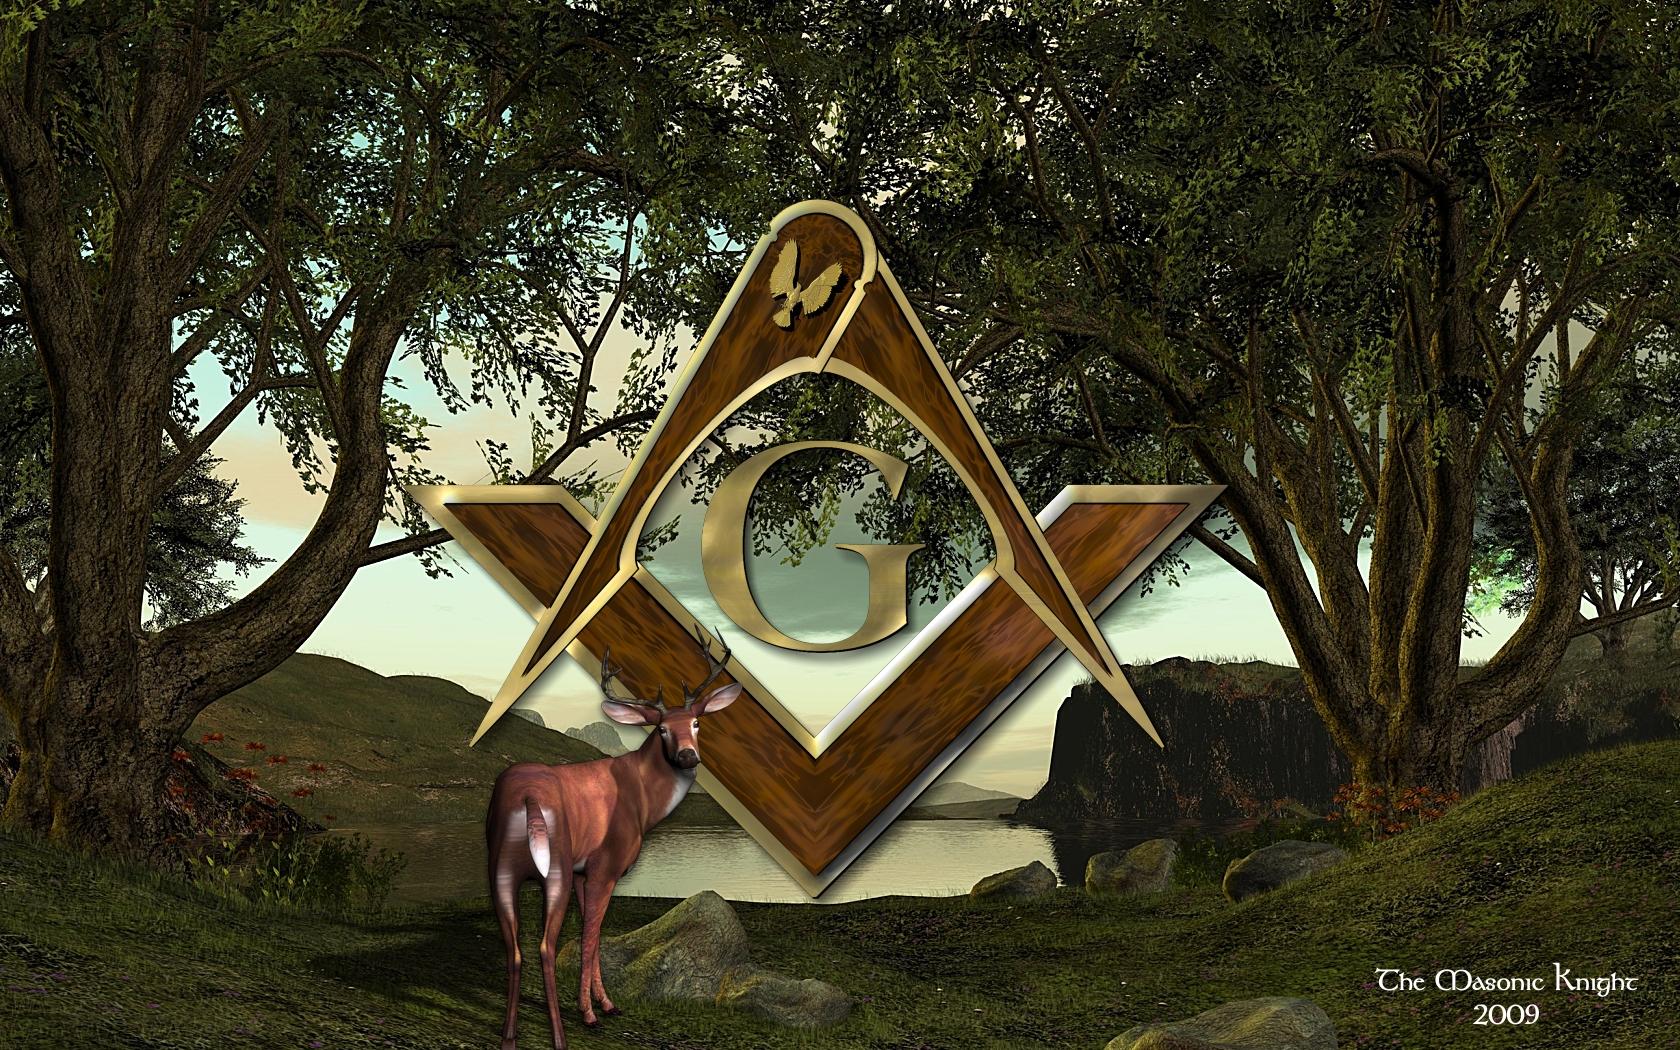 Deer Hunting Masonic Mckim Clipart Freemason Templar Art Image 1767742 1680x1050